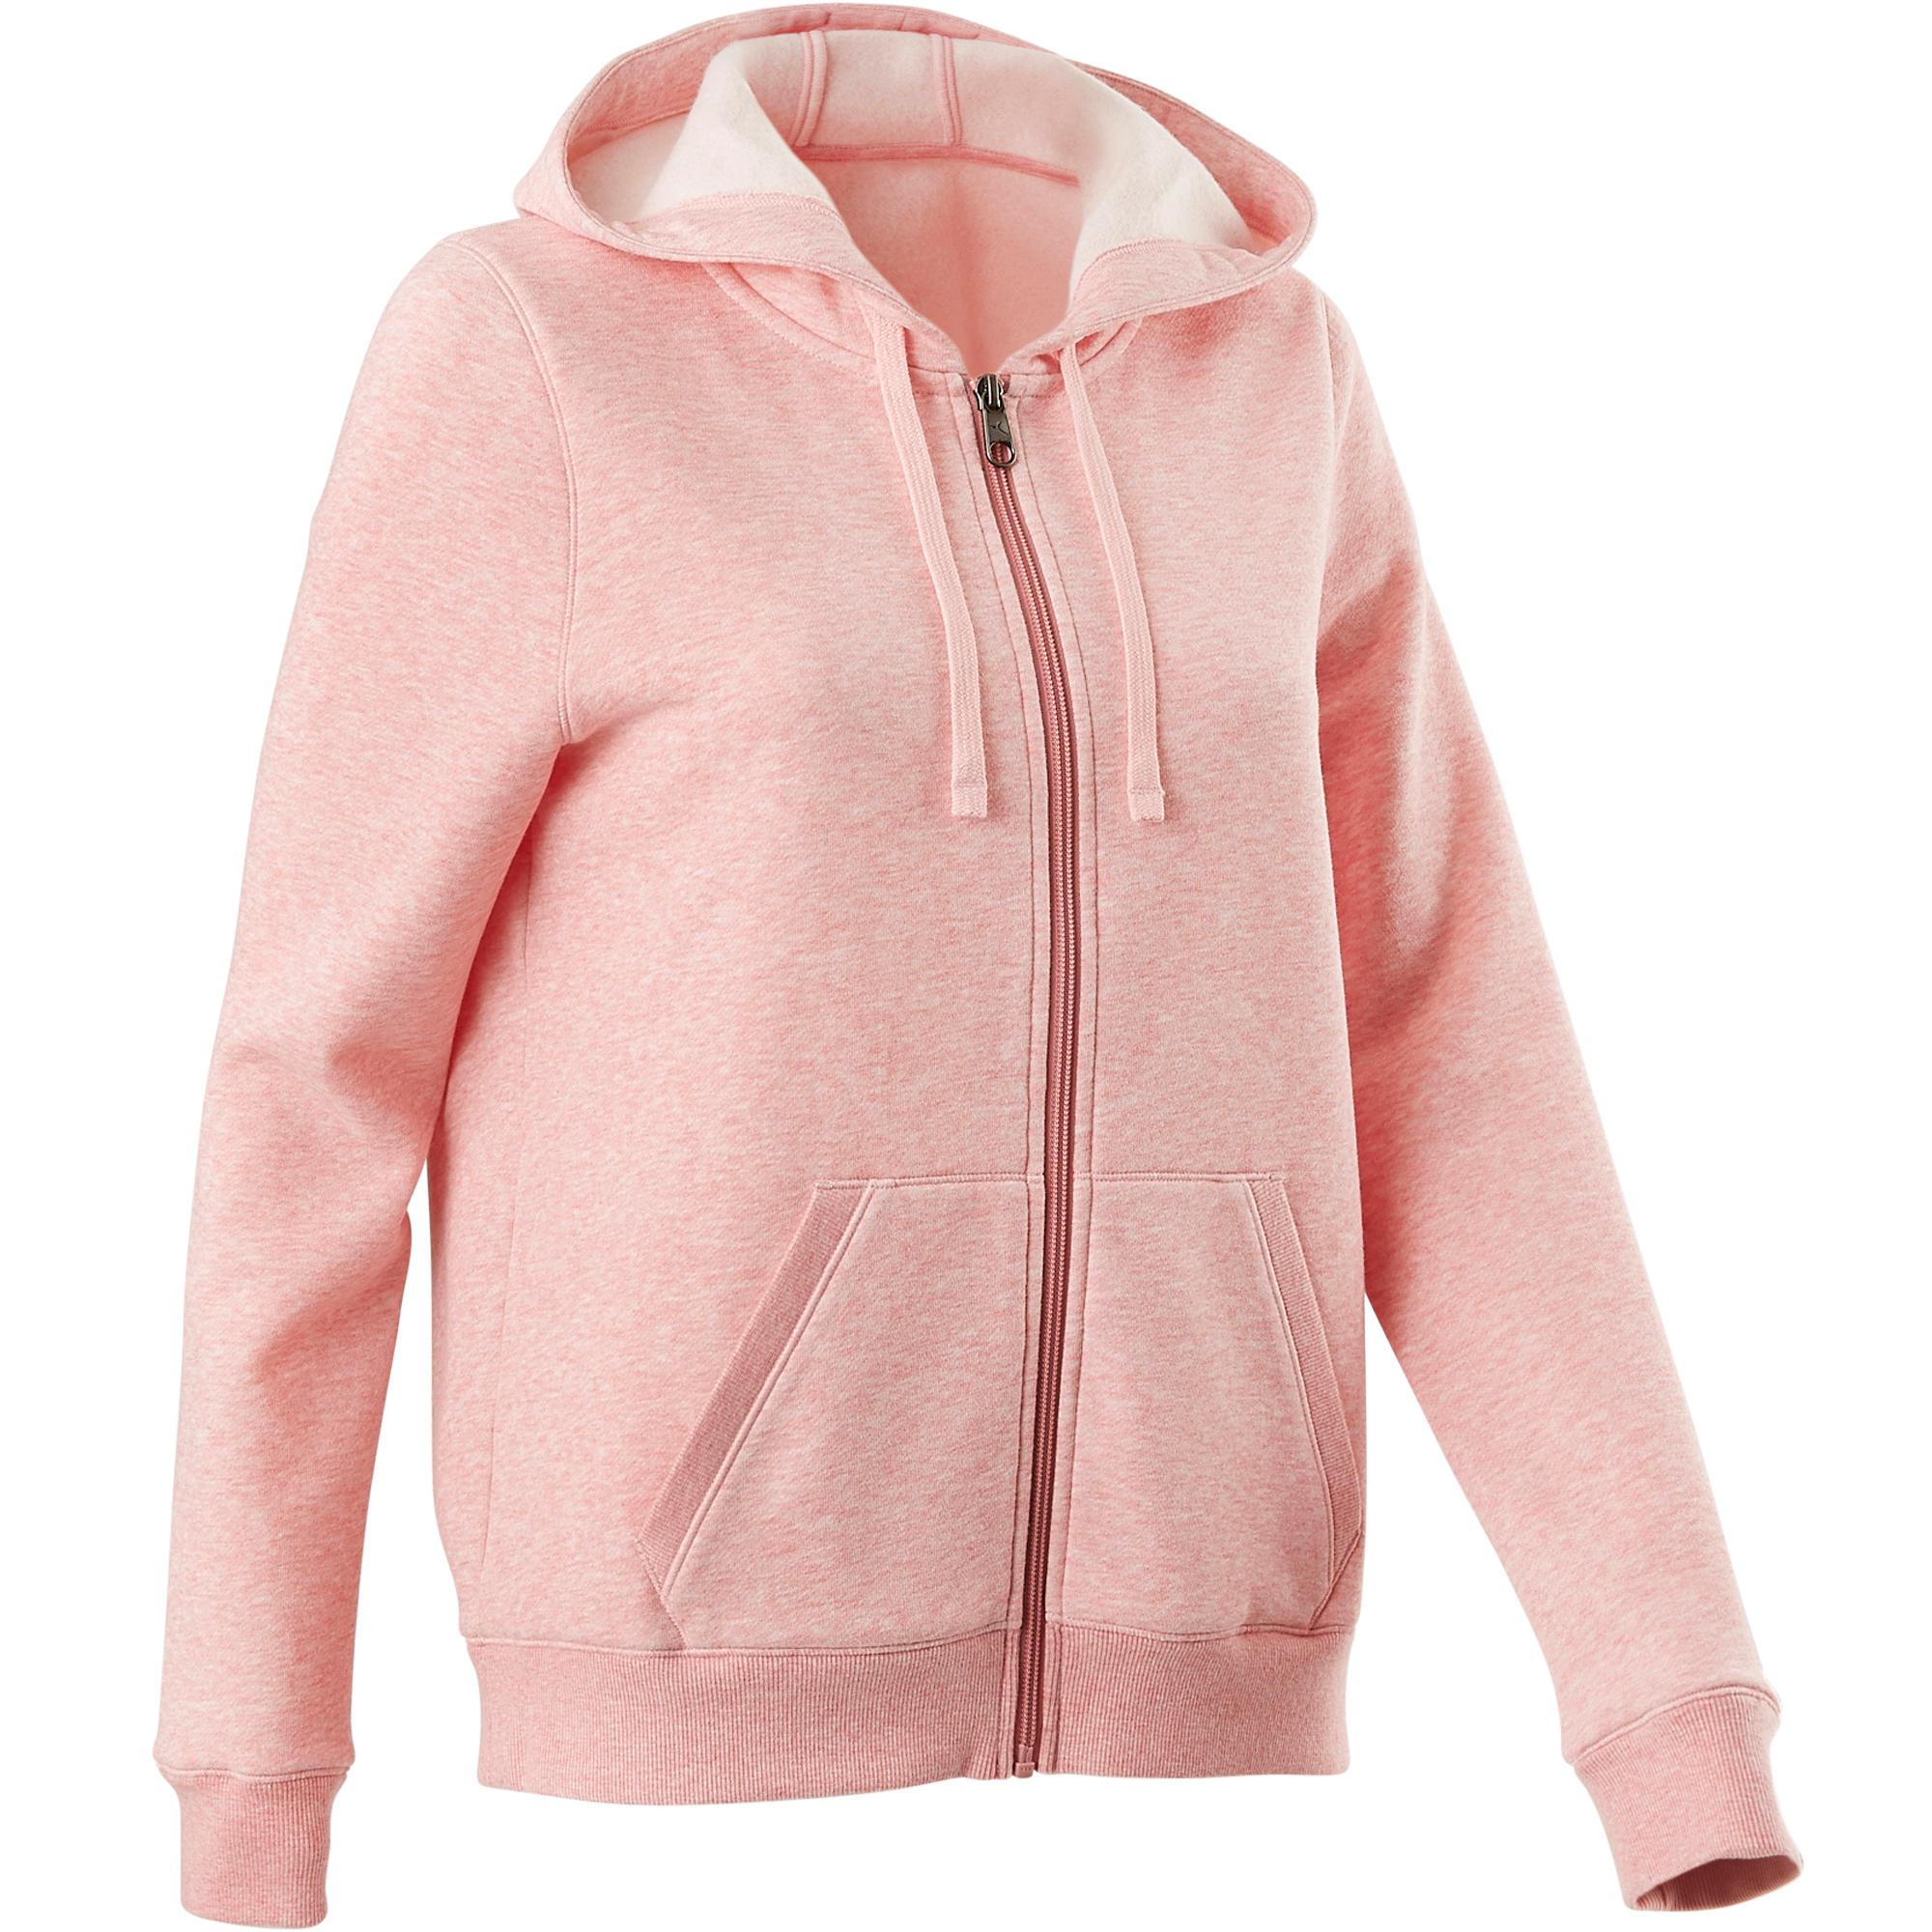 Domyos Dameshoodie met rits voor pilates en zachte gym 520 roze